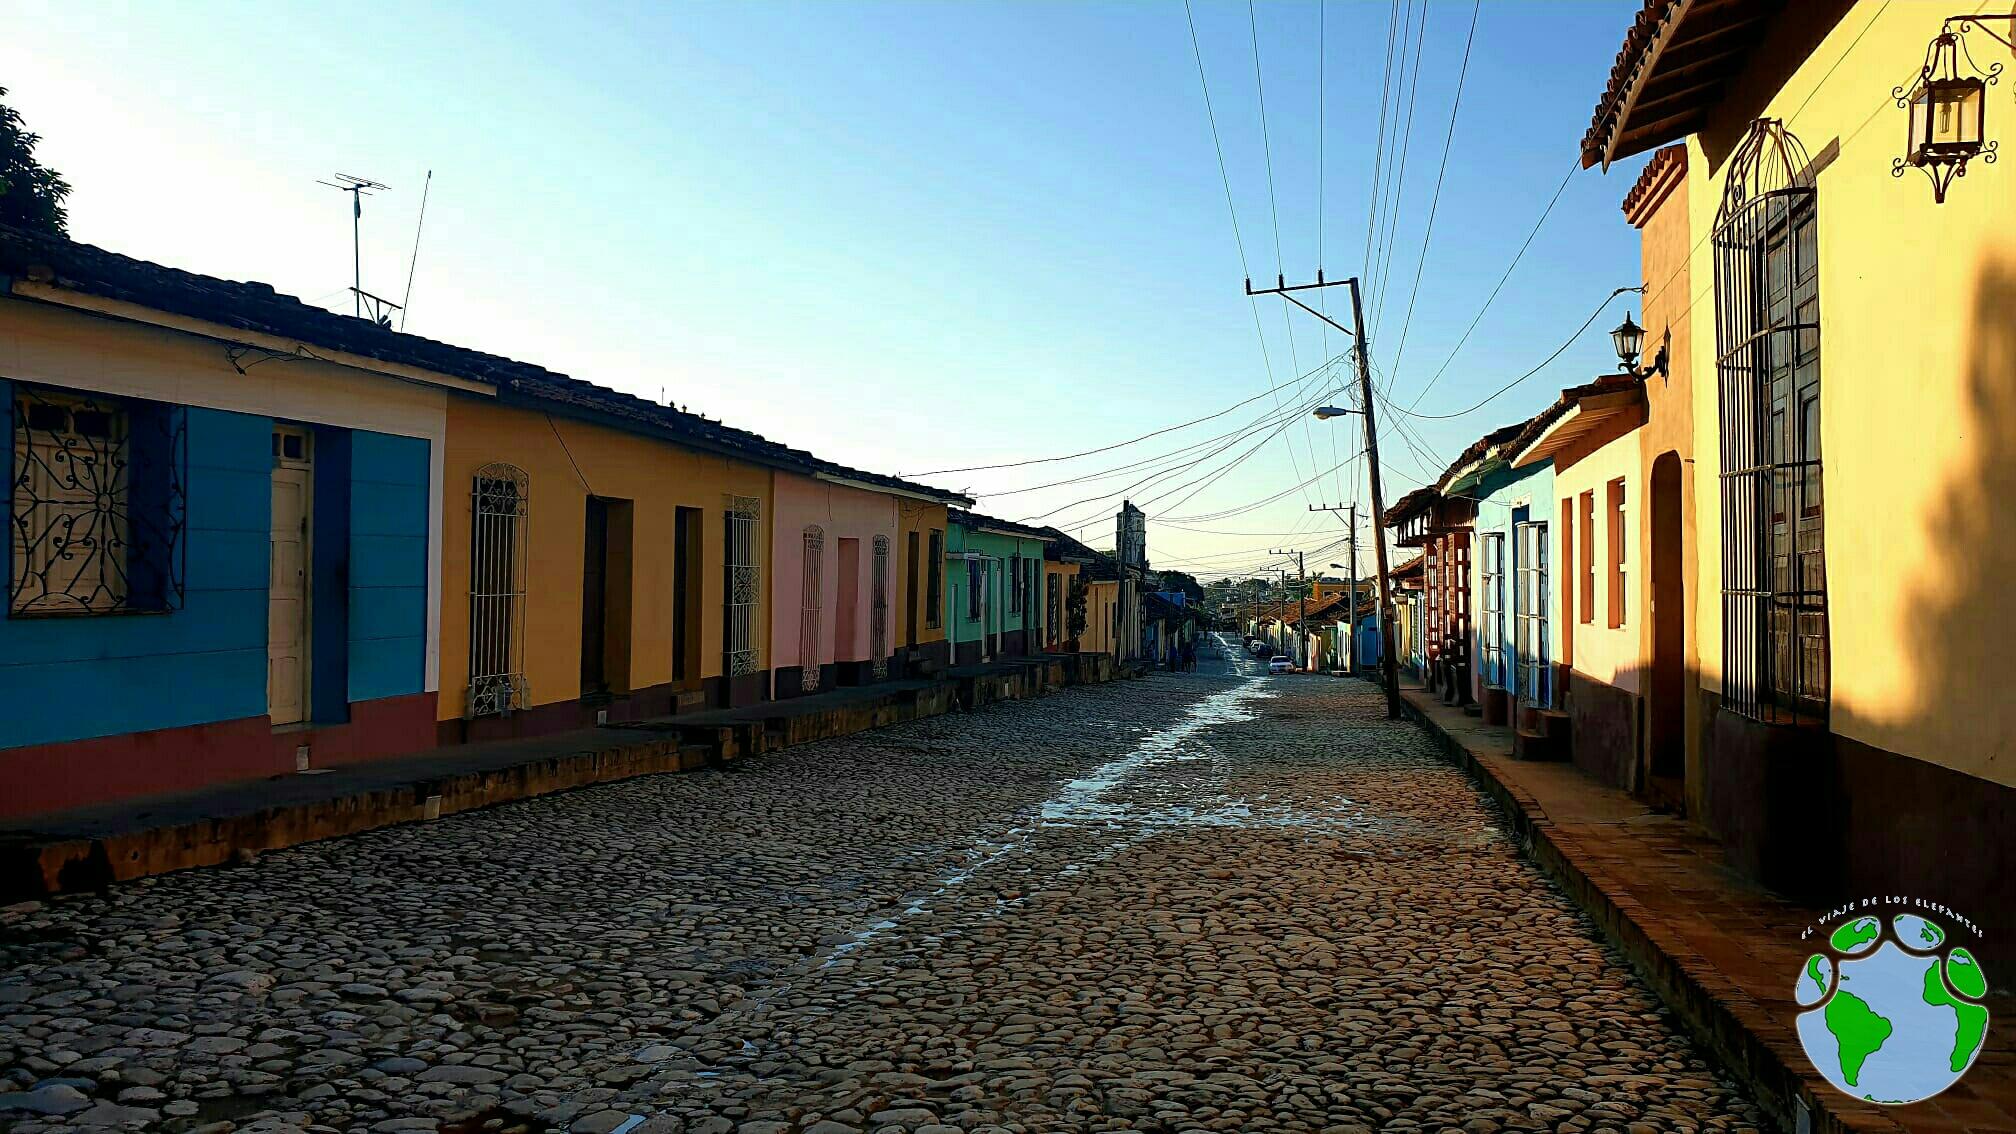 Trinidad cuba día